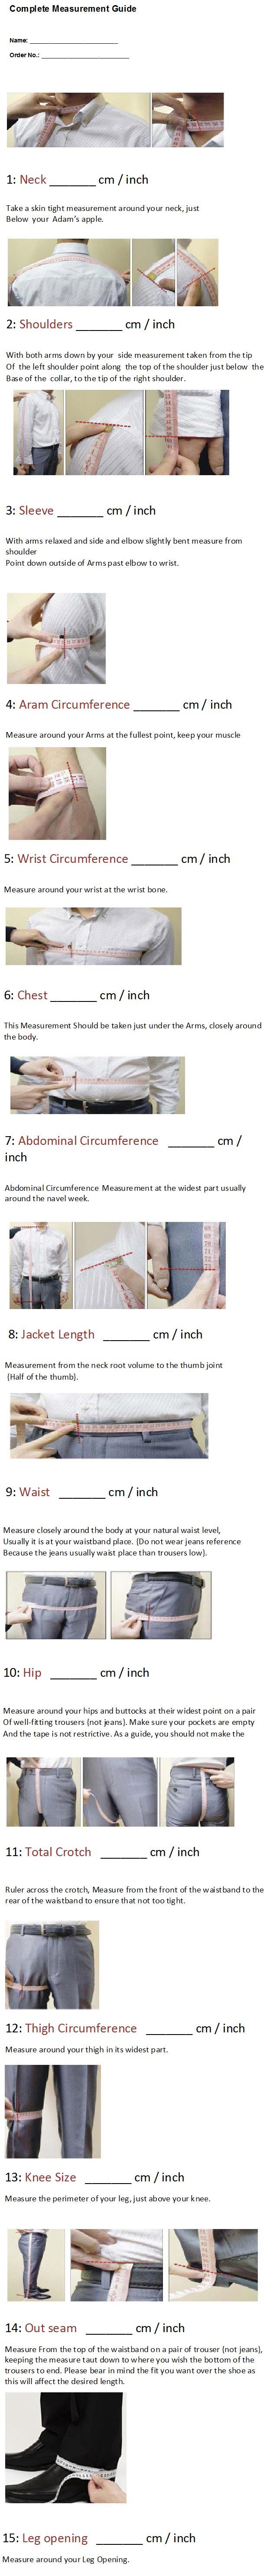 size-chart-suit